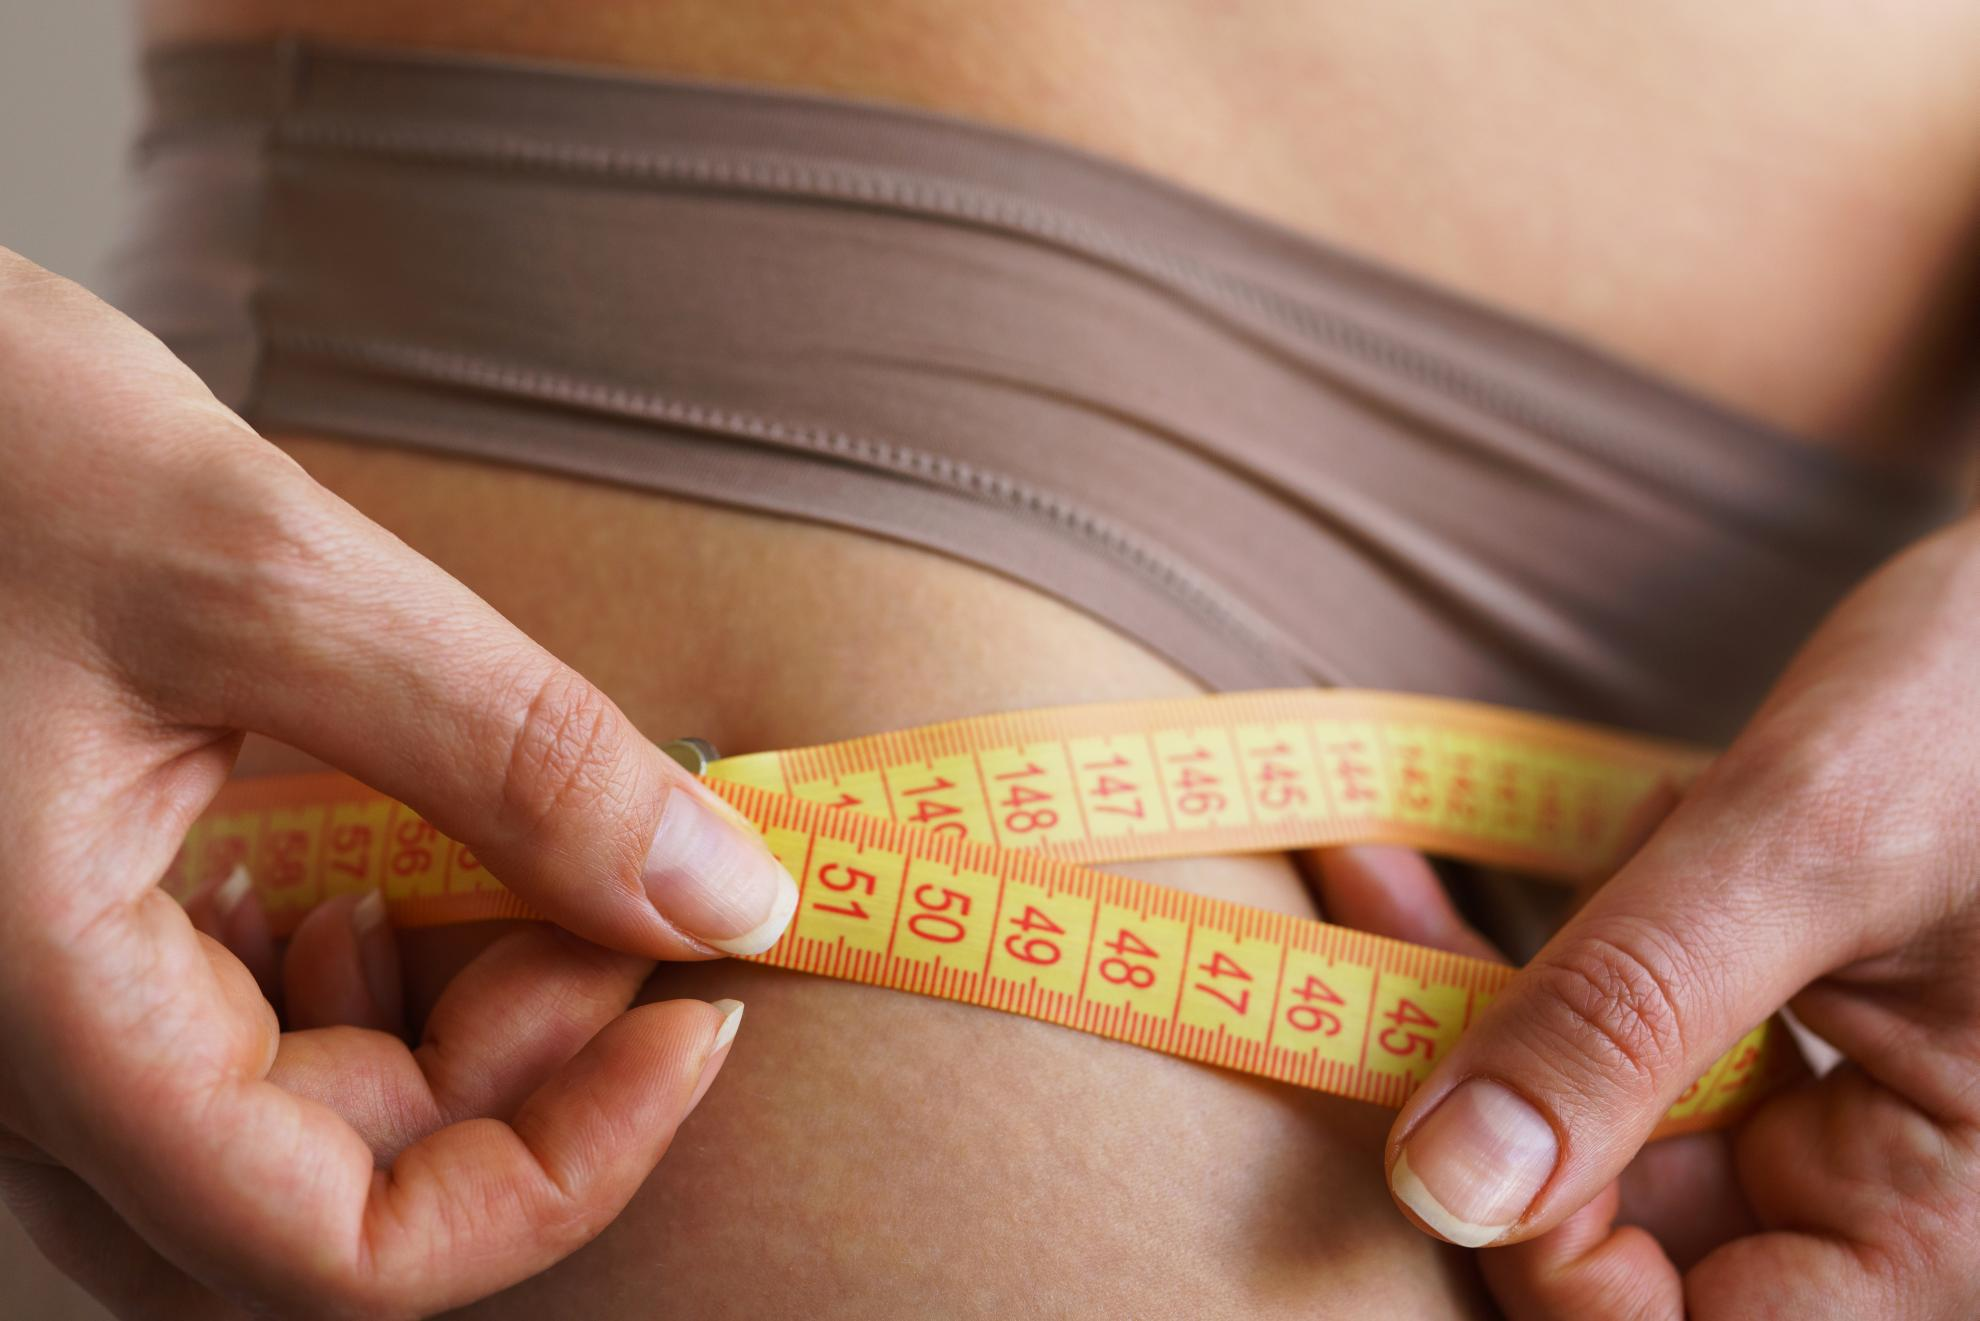 túlsúly fogyás